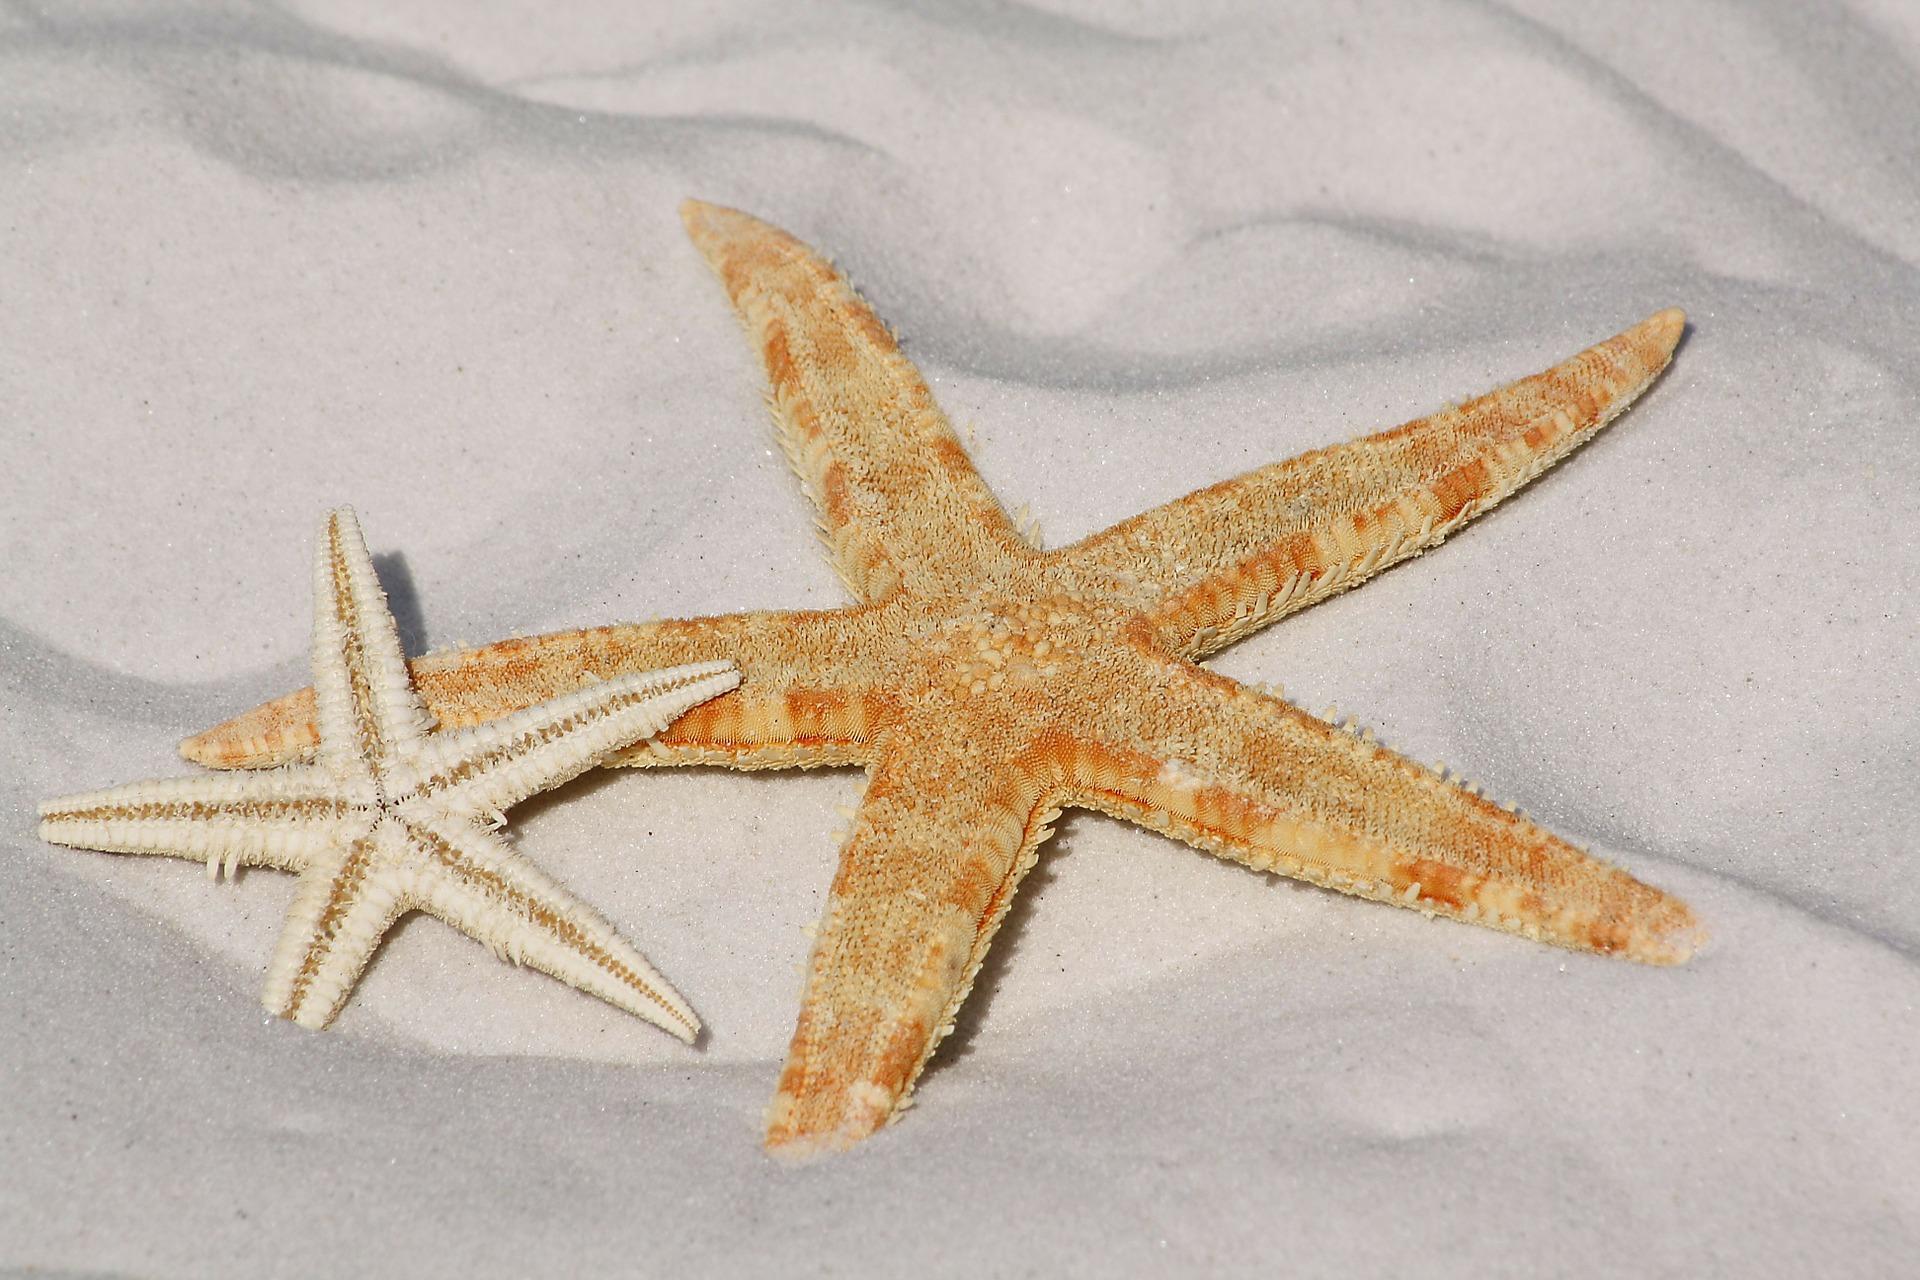 starfish-343791_1920.jpg